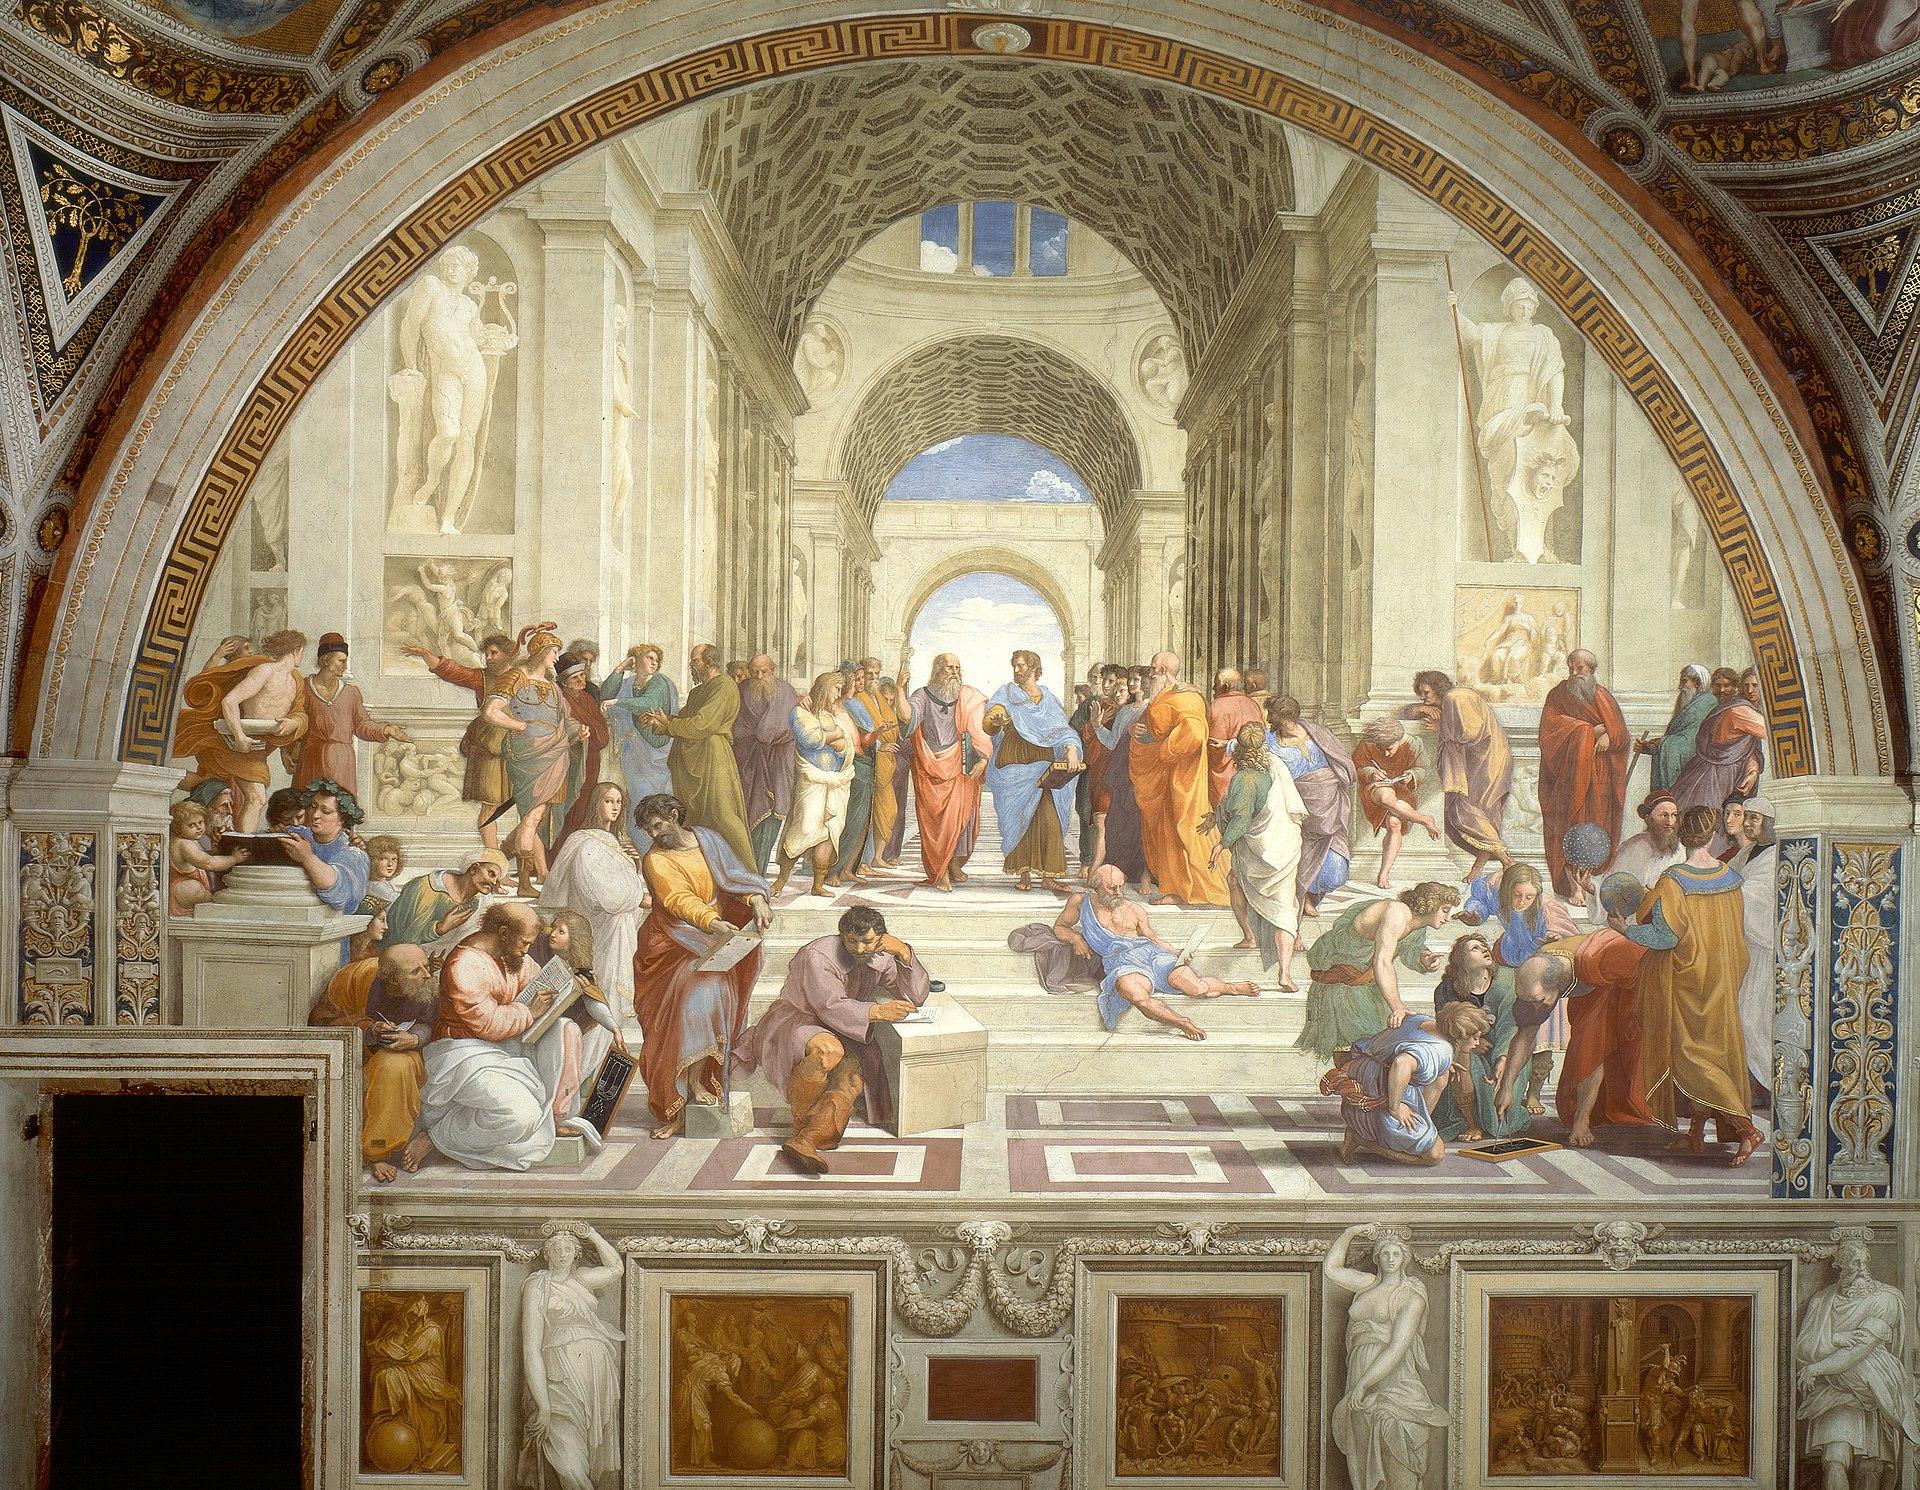 1920px-_The_School_of_Athens__by_Raffaello_Sanzio_da_Urbino.jpg